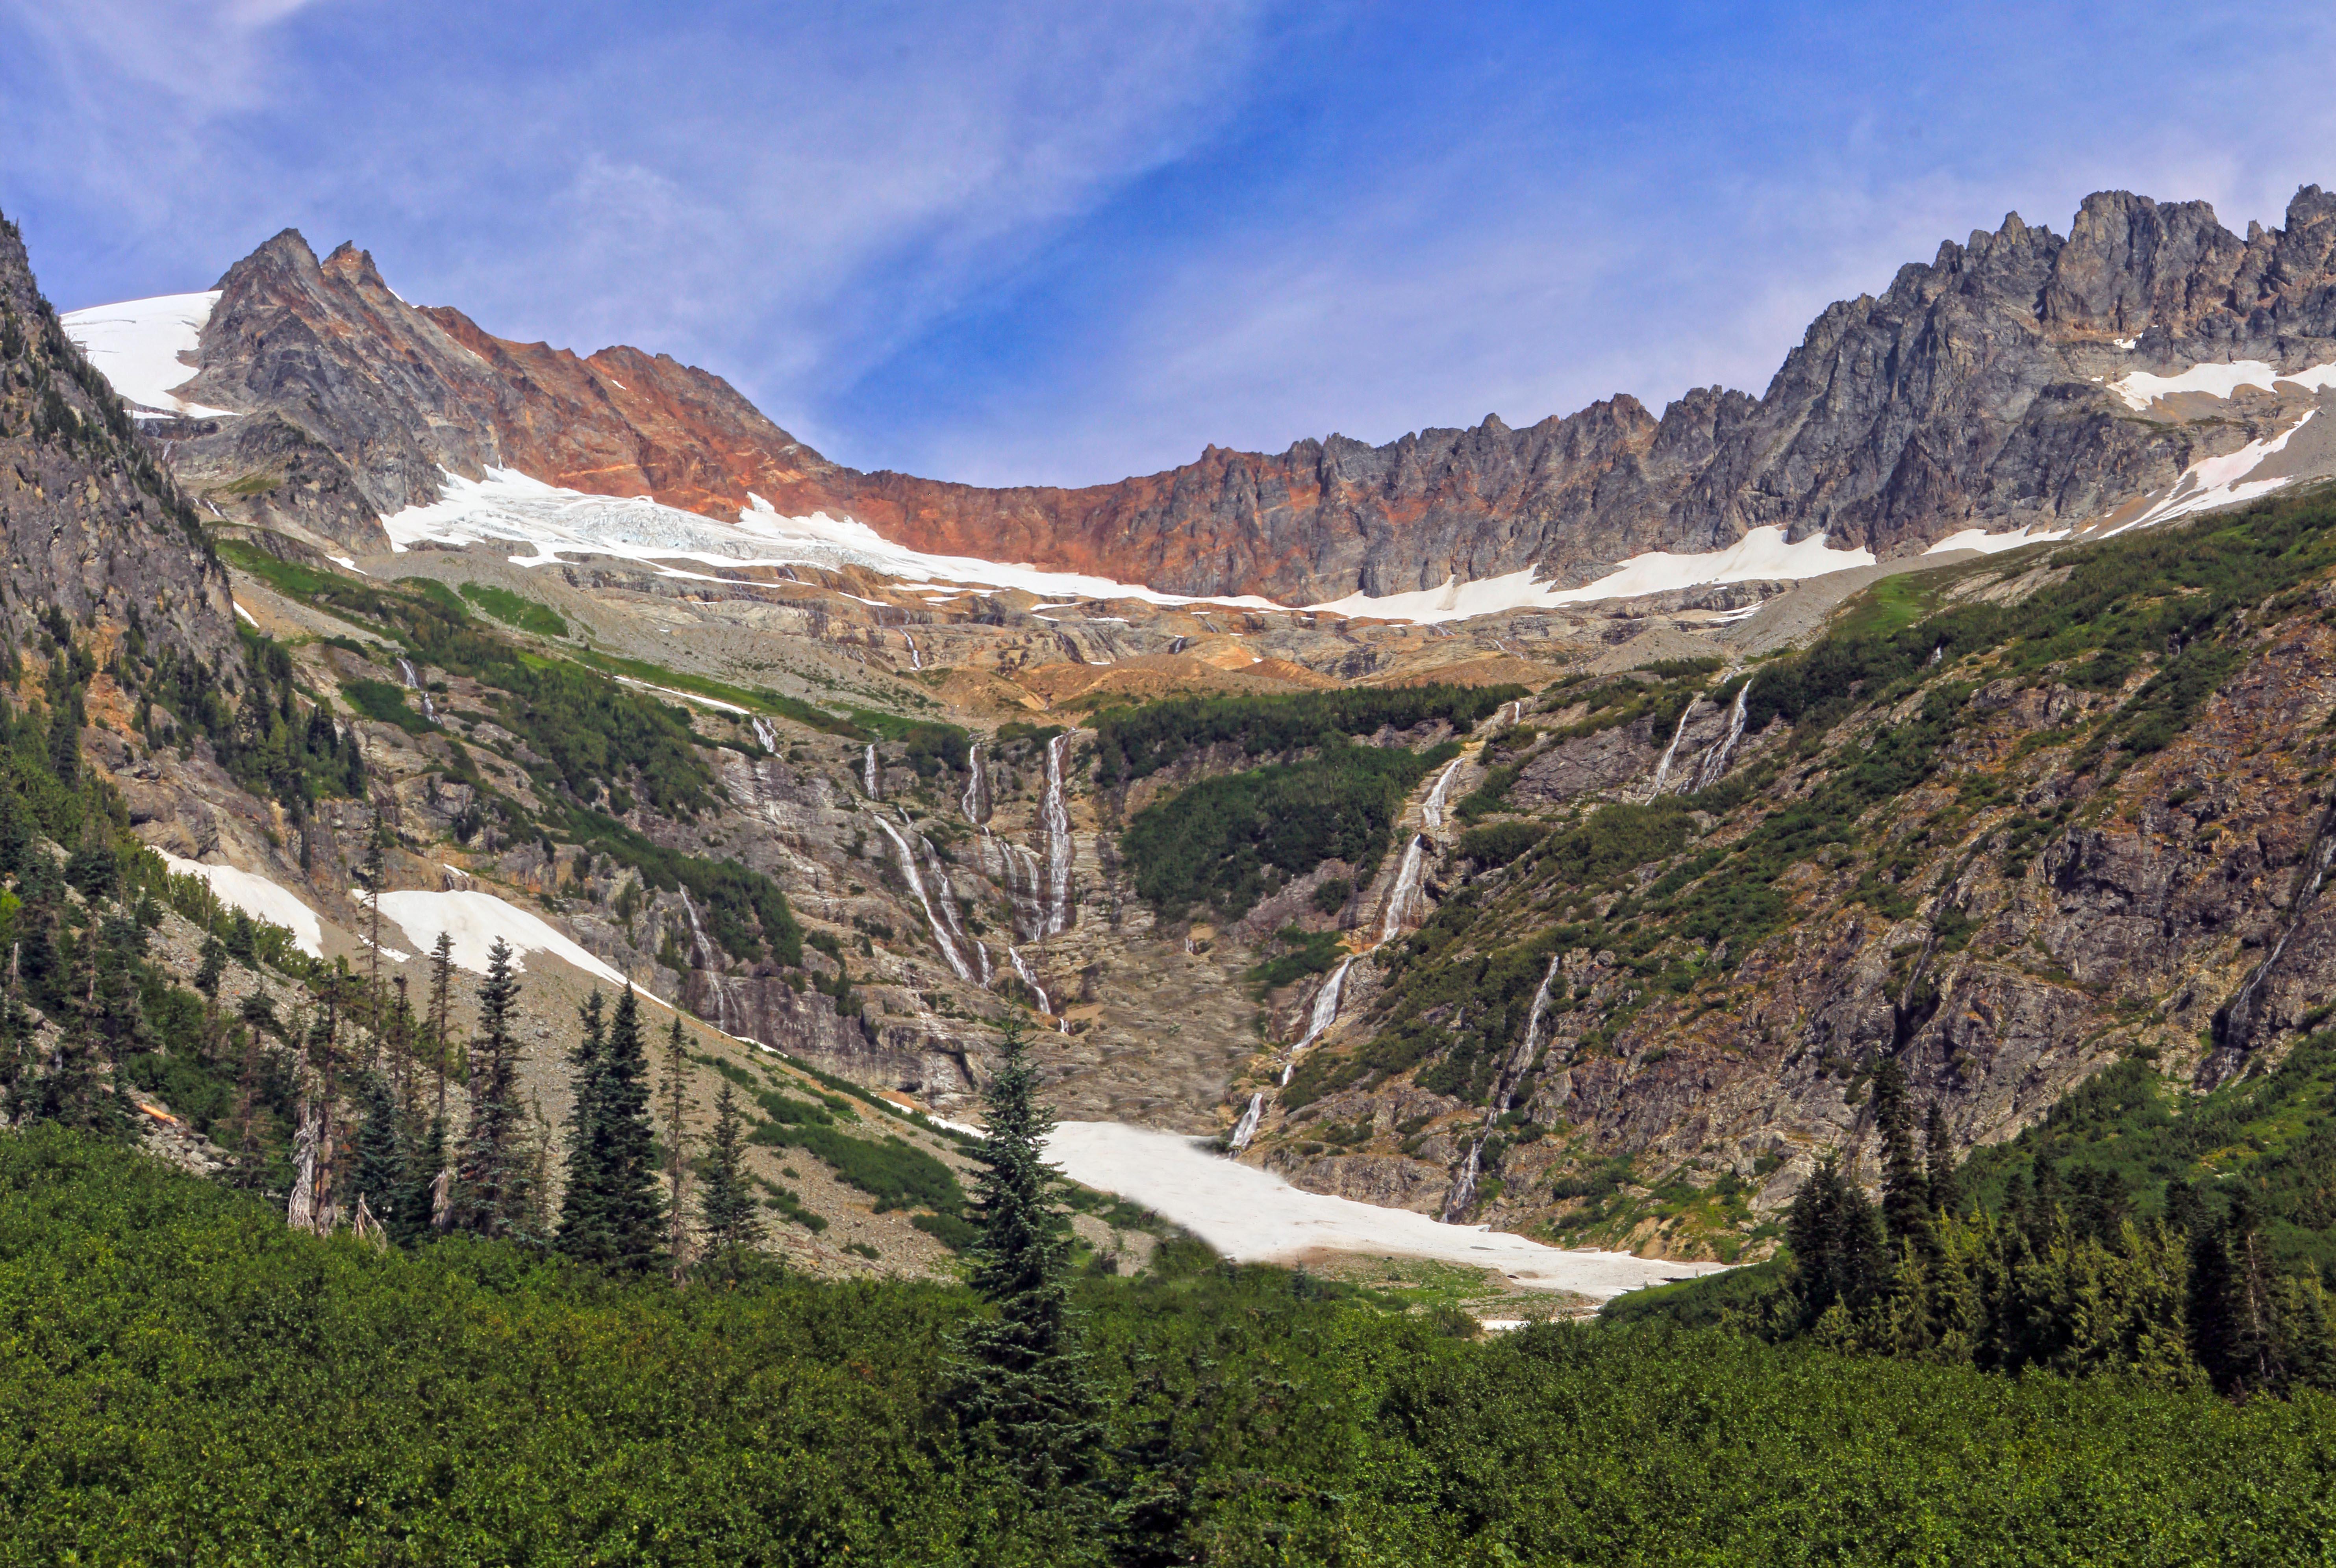 Horseshoe Basin, North Cascades National Park